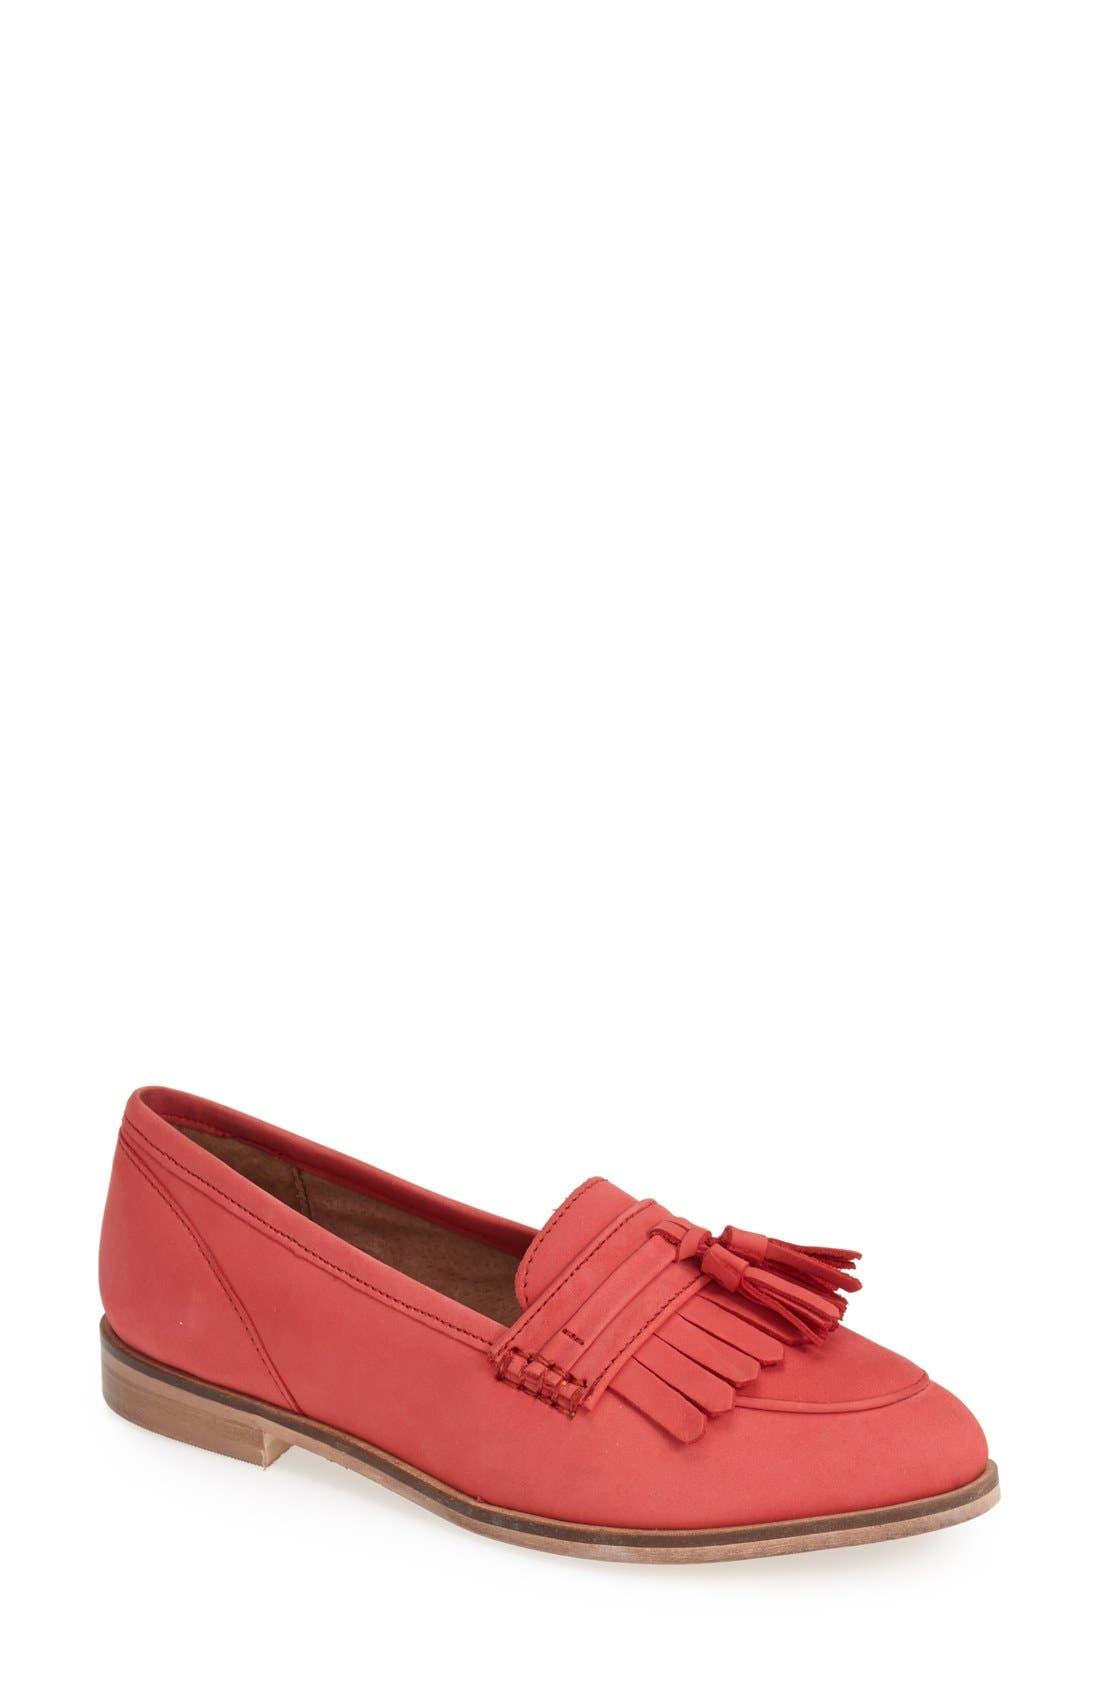 Alternate Image 1 Selected - Topshop 'Kink' Fringed Leather Tassel Loafer (Women)